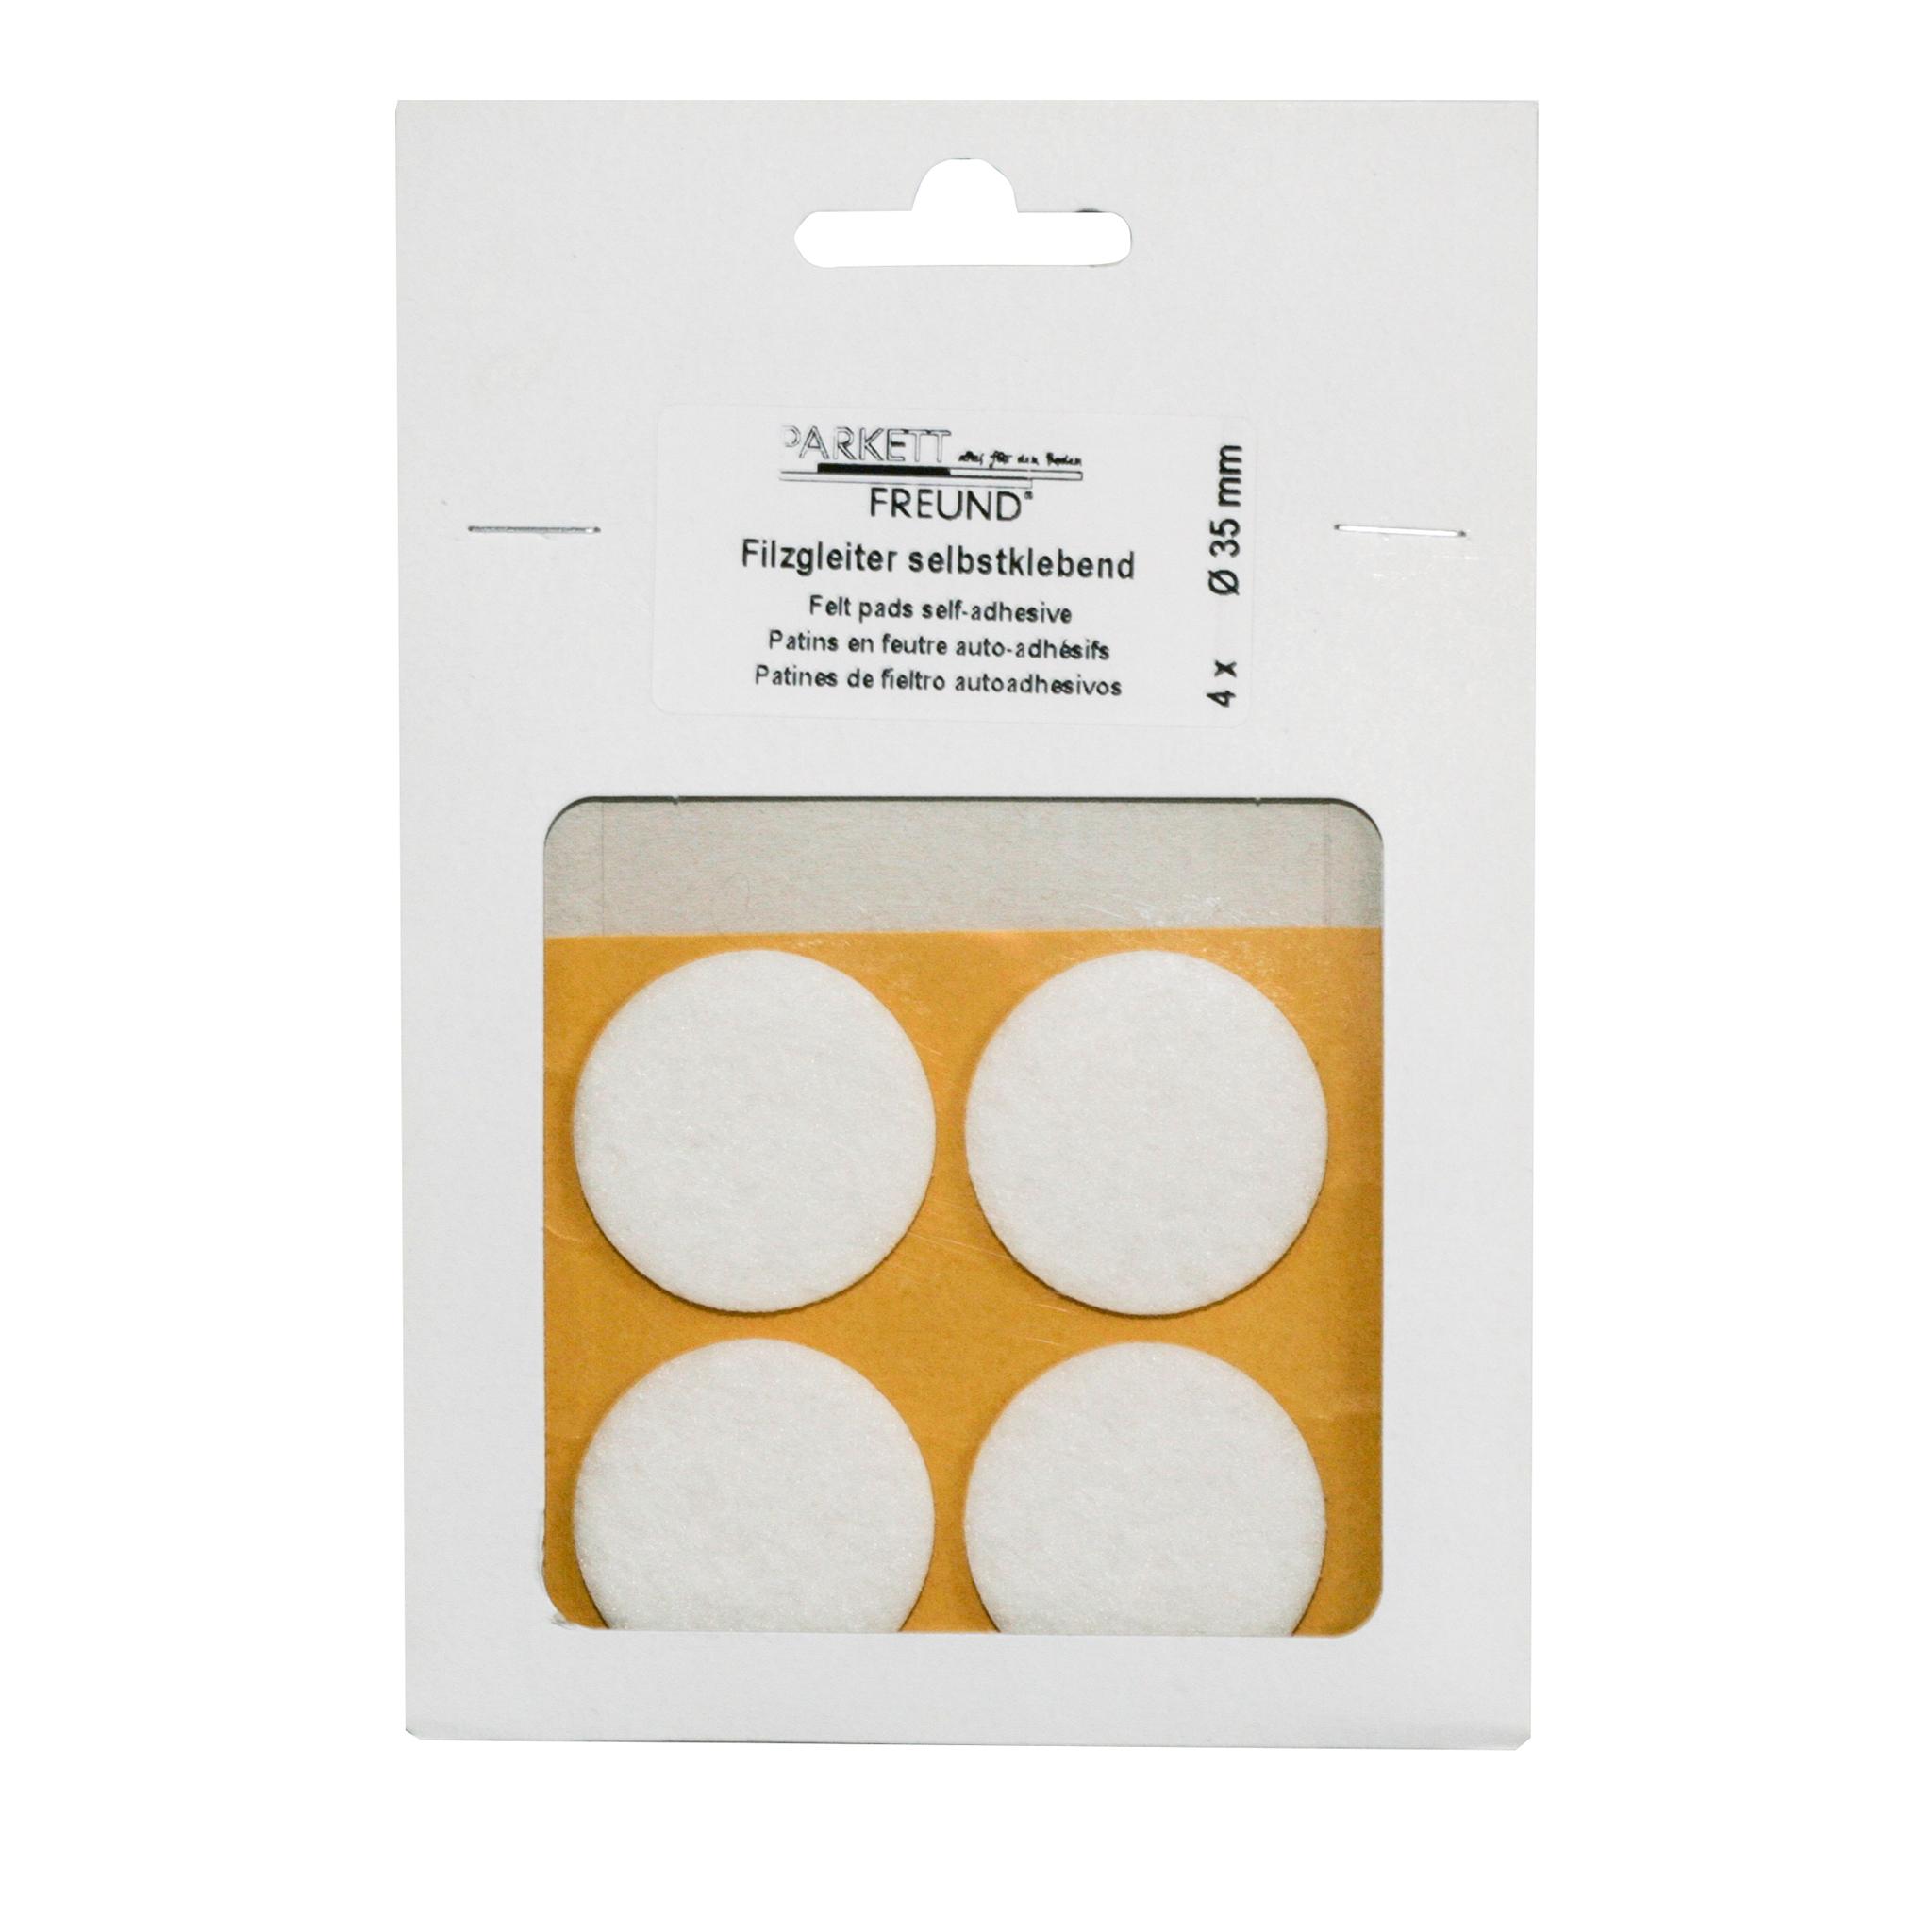 Filzgleiter weiß selbstklebend Ø 35mm